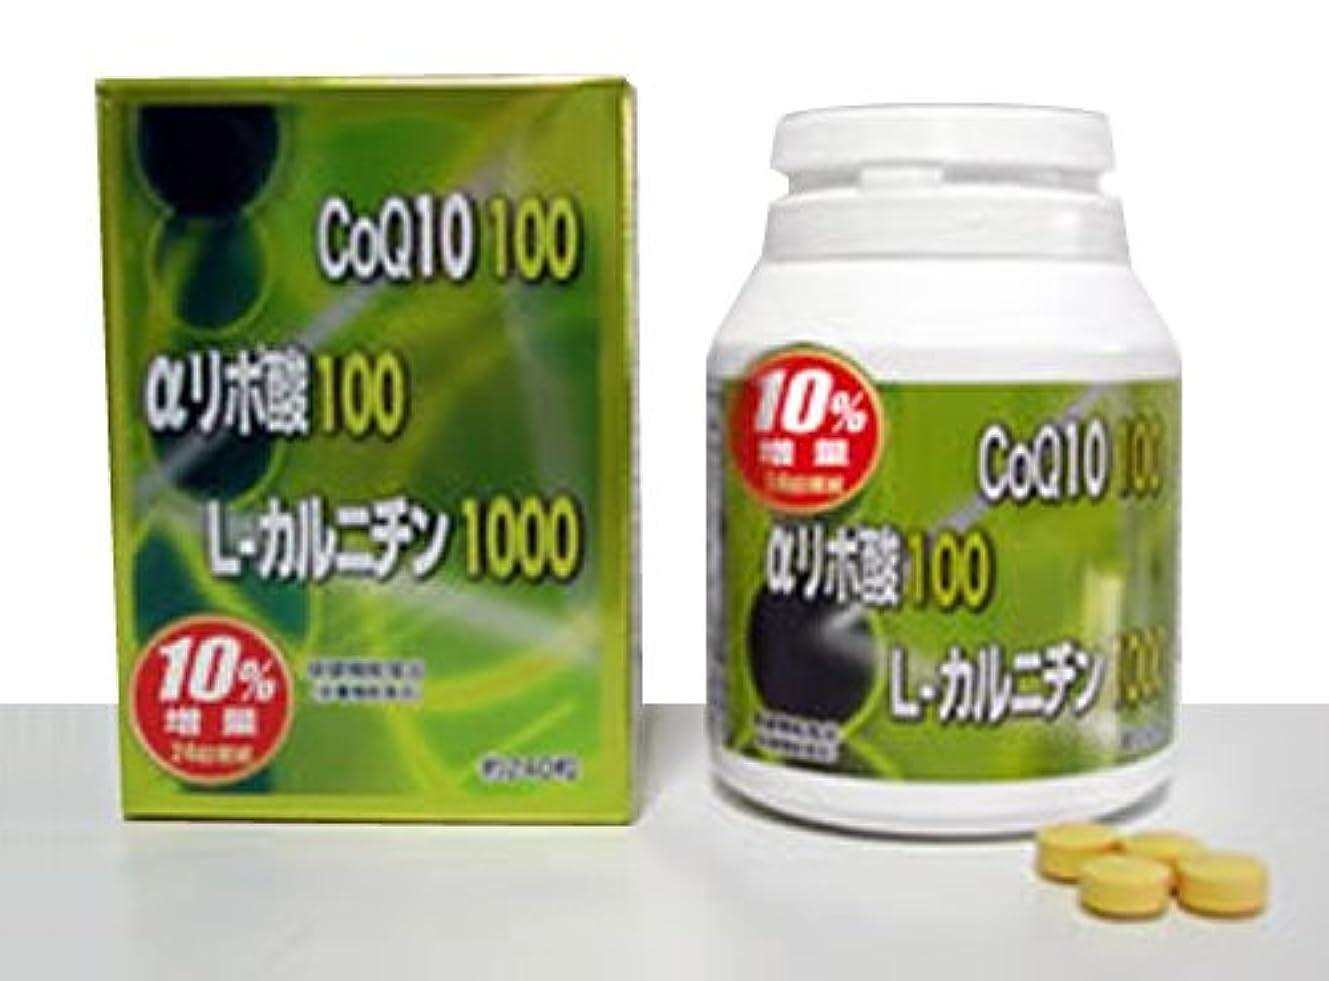 幸運な植木嫌がらせ10%増量 CoQ10 100?αリポ酸 100?L-カルニチン 1000